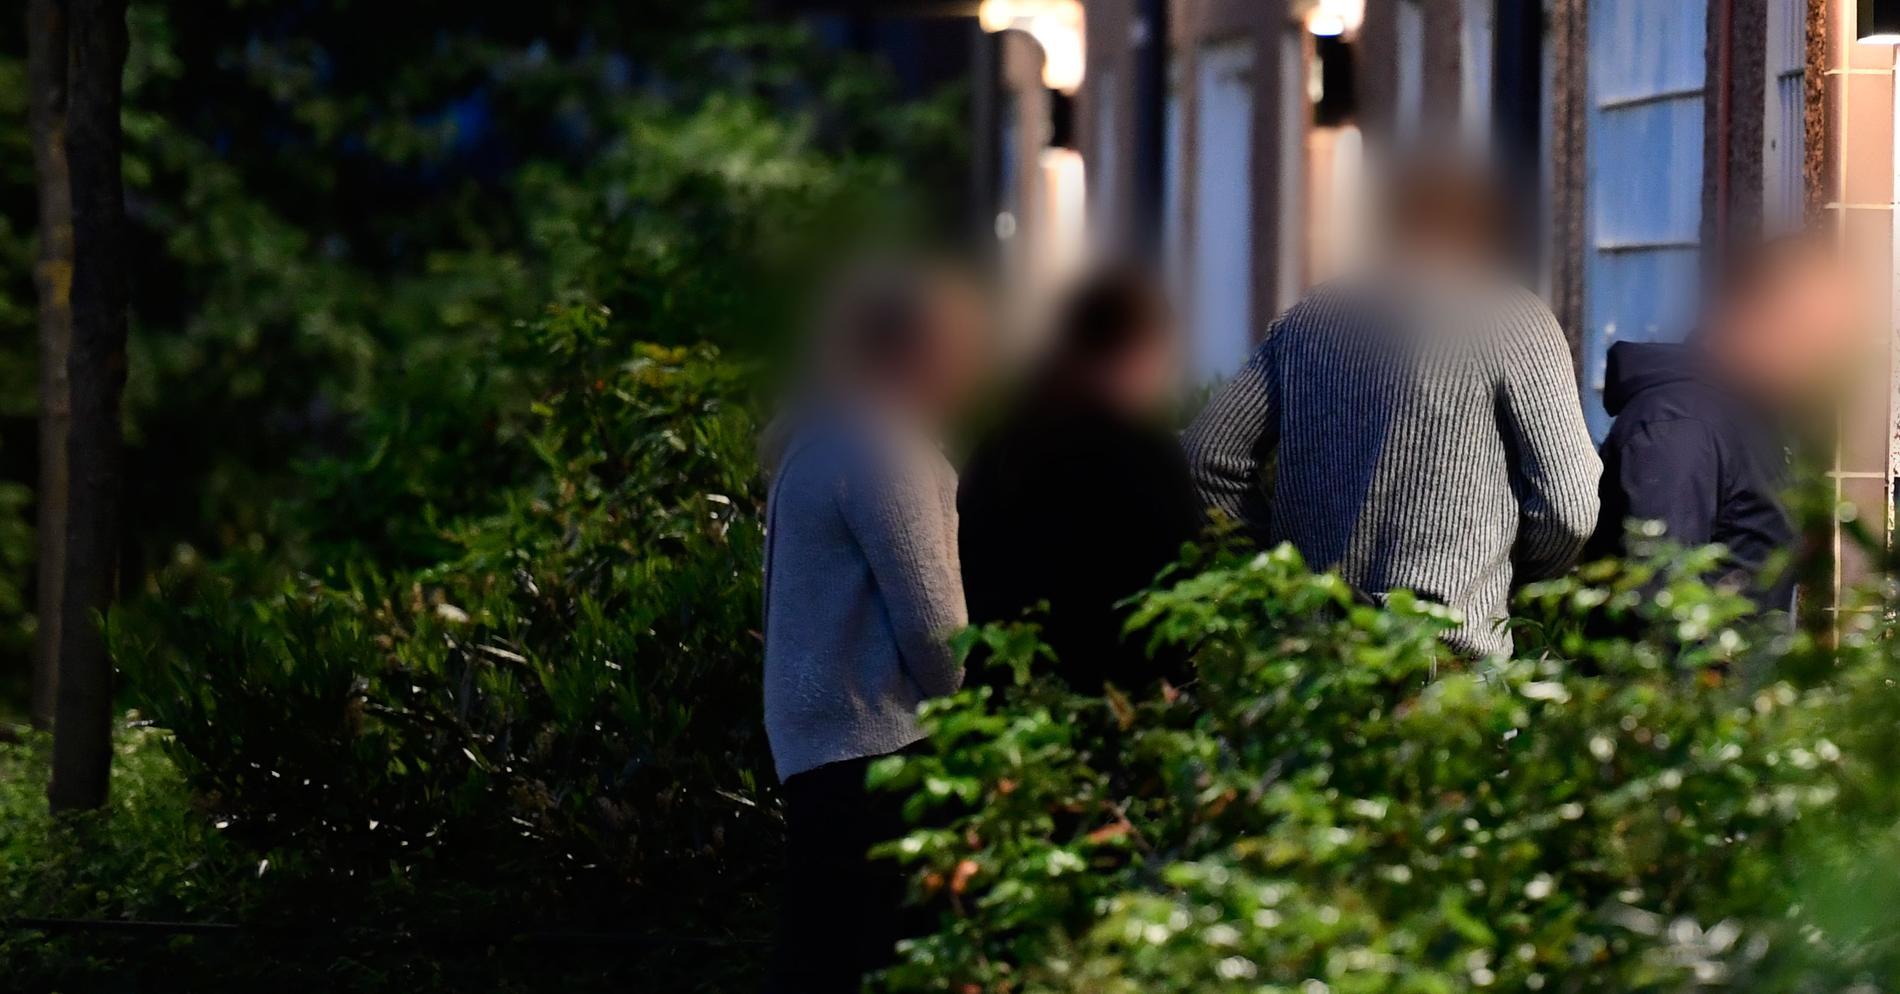 Polisen vid den misstänkte 66-åringens adress, natten mot måndag.